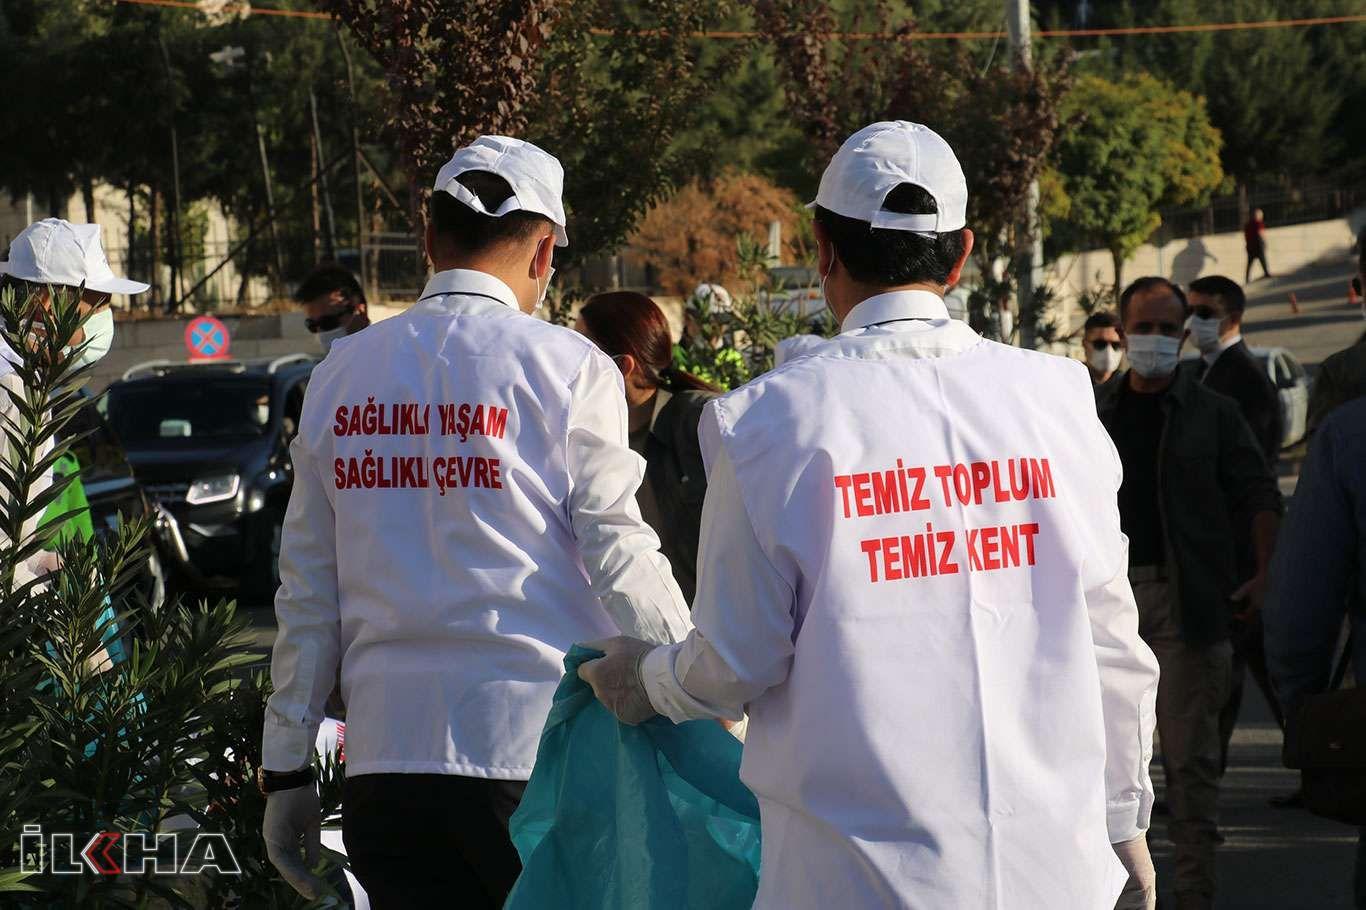 Siirtte Temiz Toplum Temiz Kent sloganı ile temizlik kampanyası